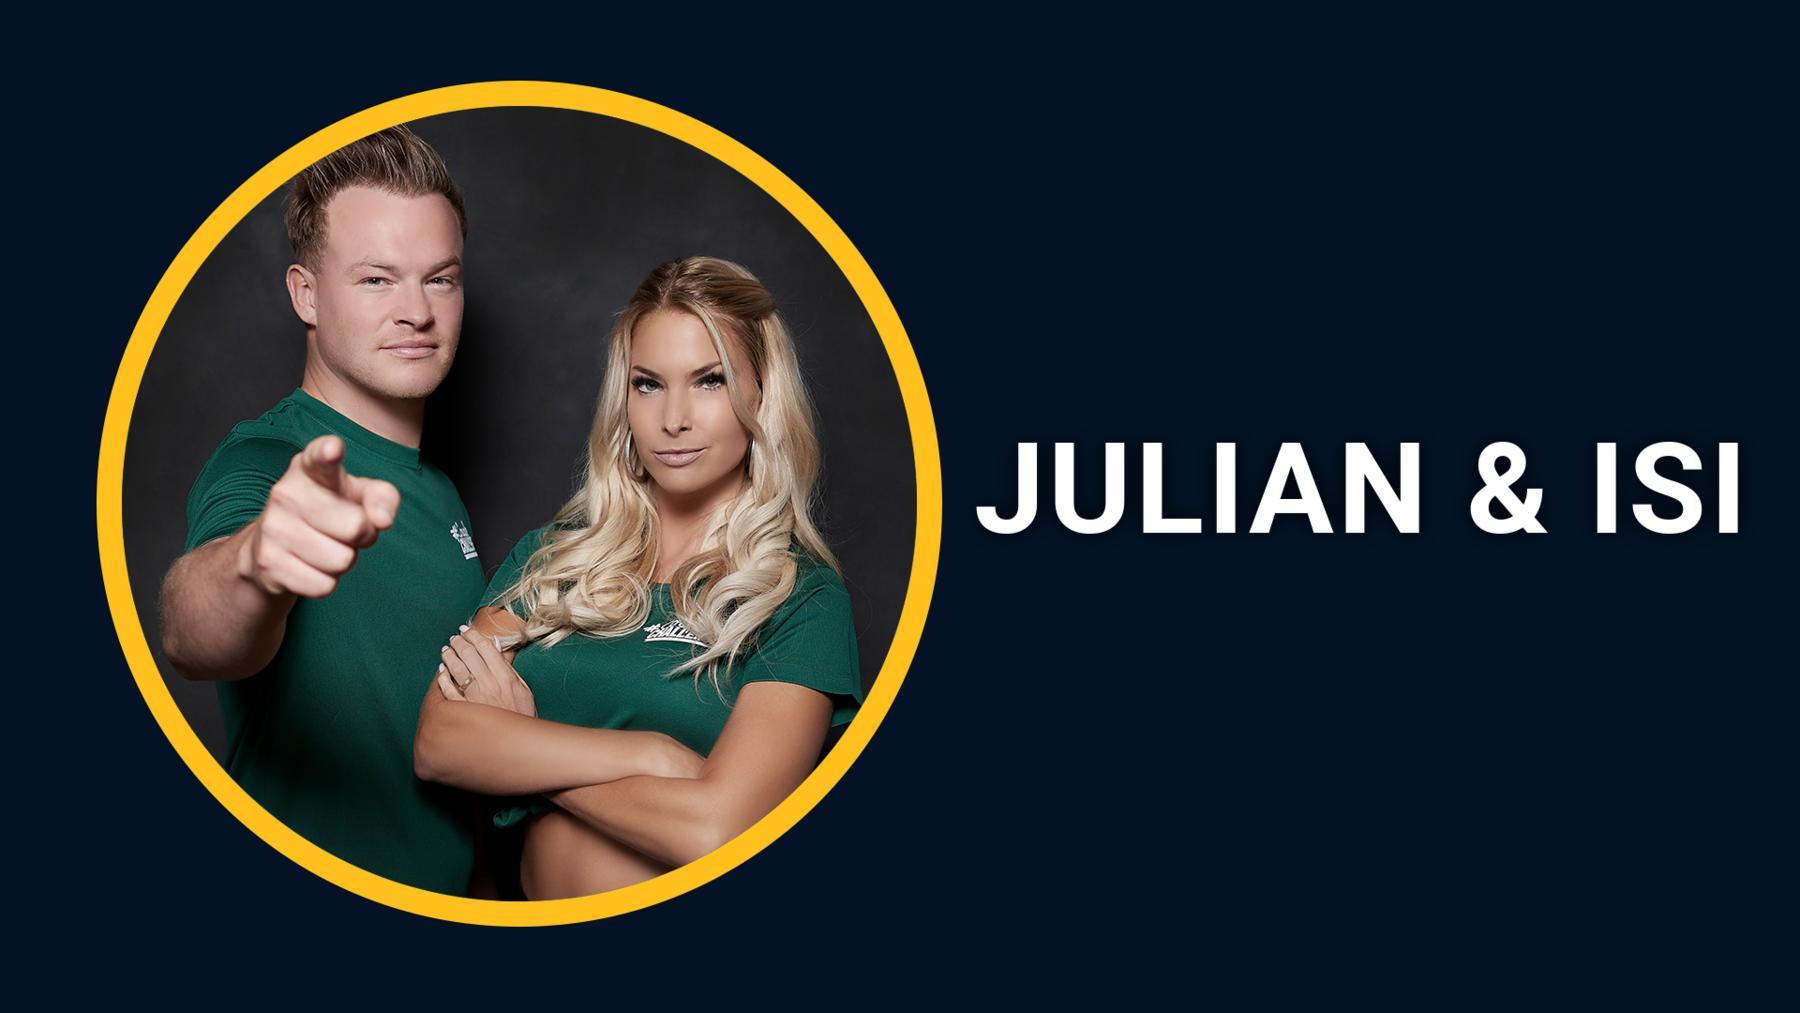 Julian & Isi